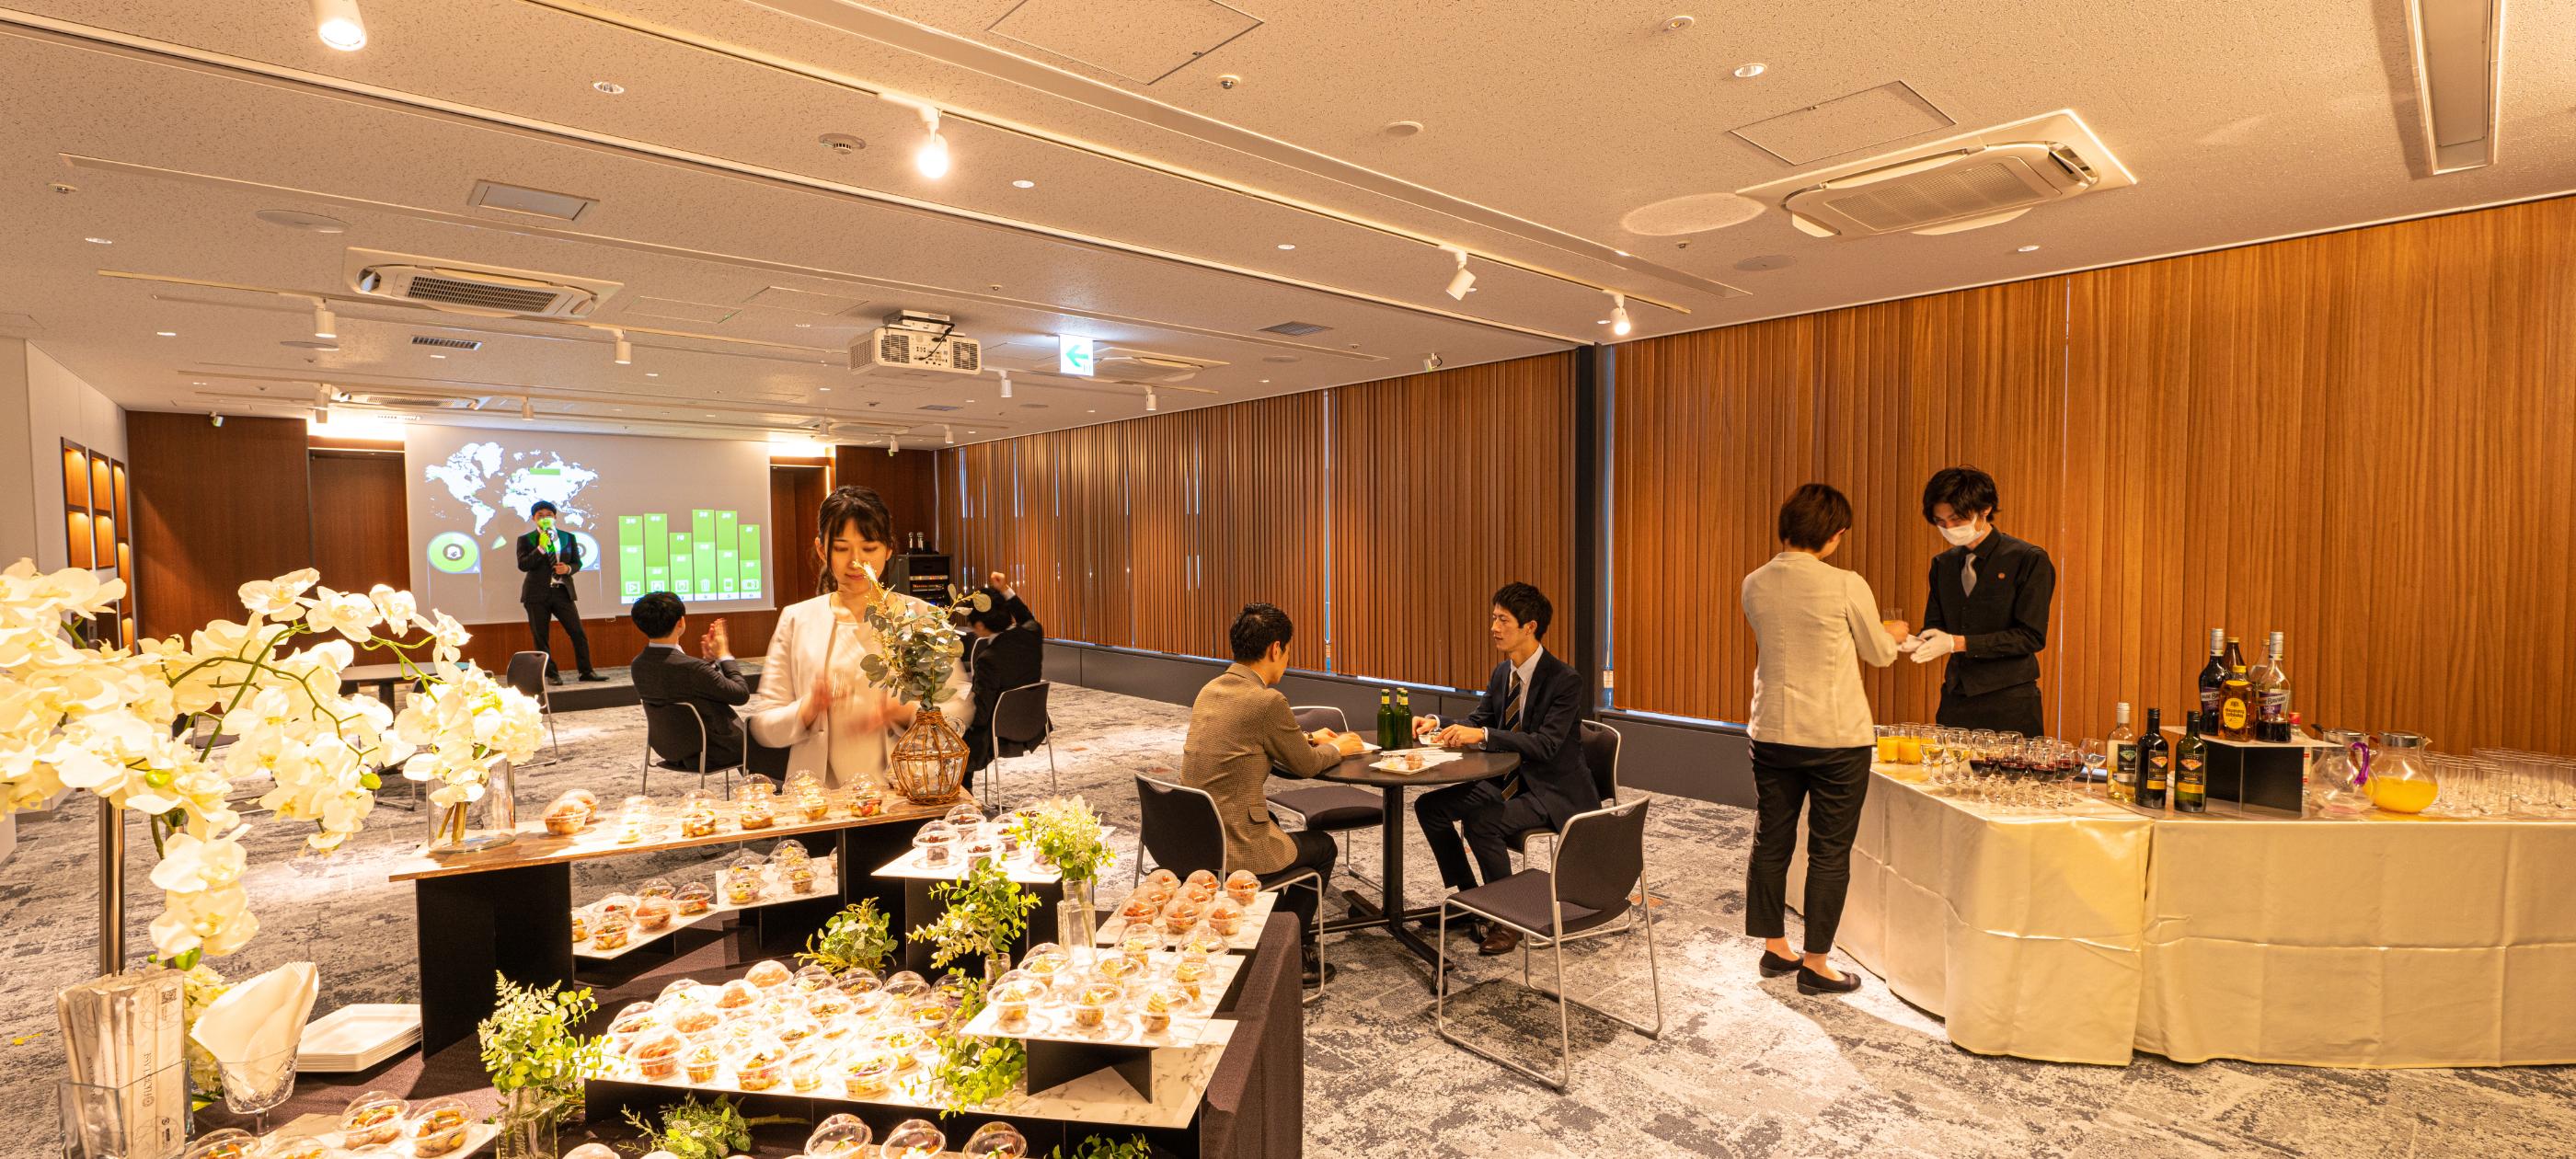 東京 ステーション コンファレンス